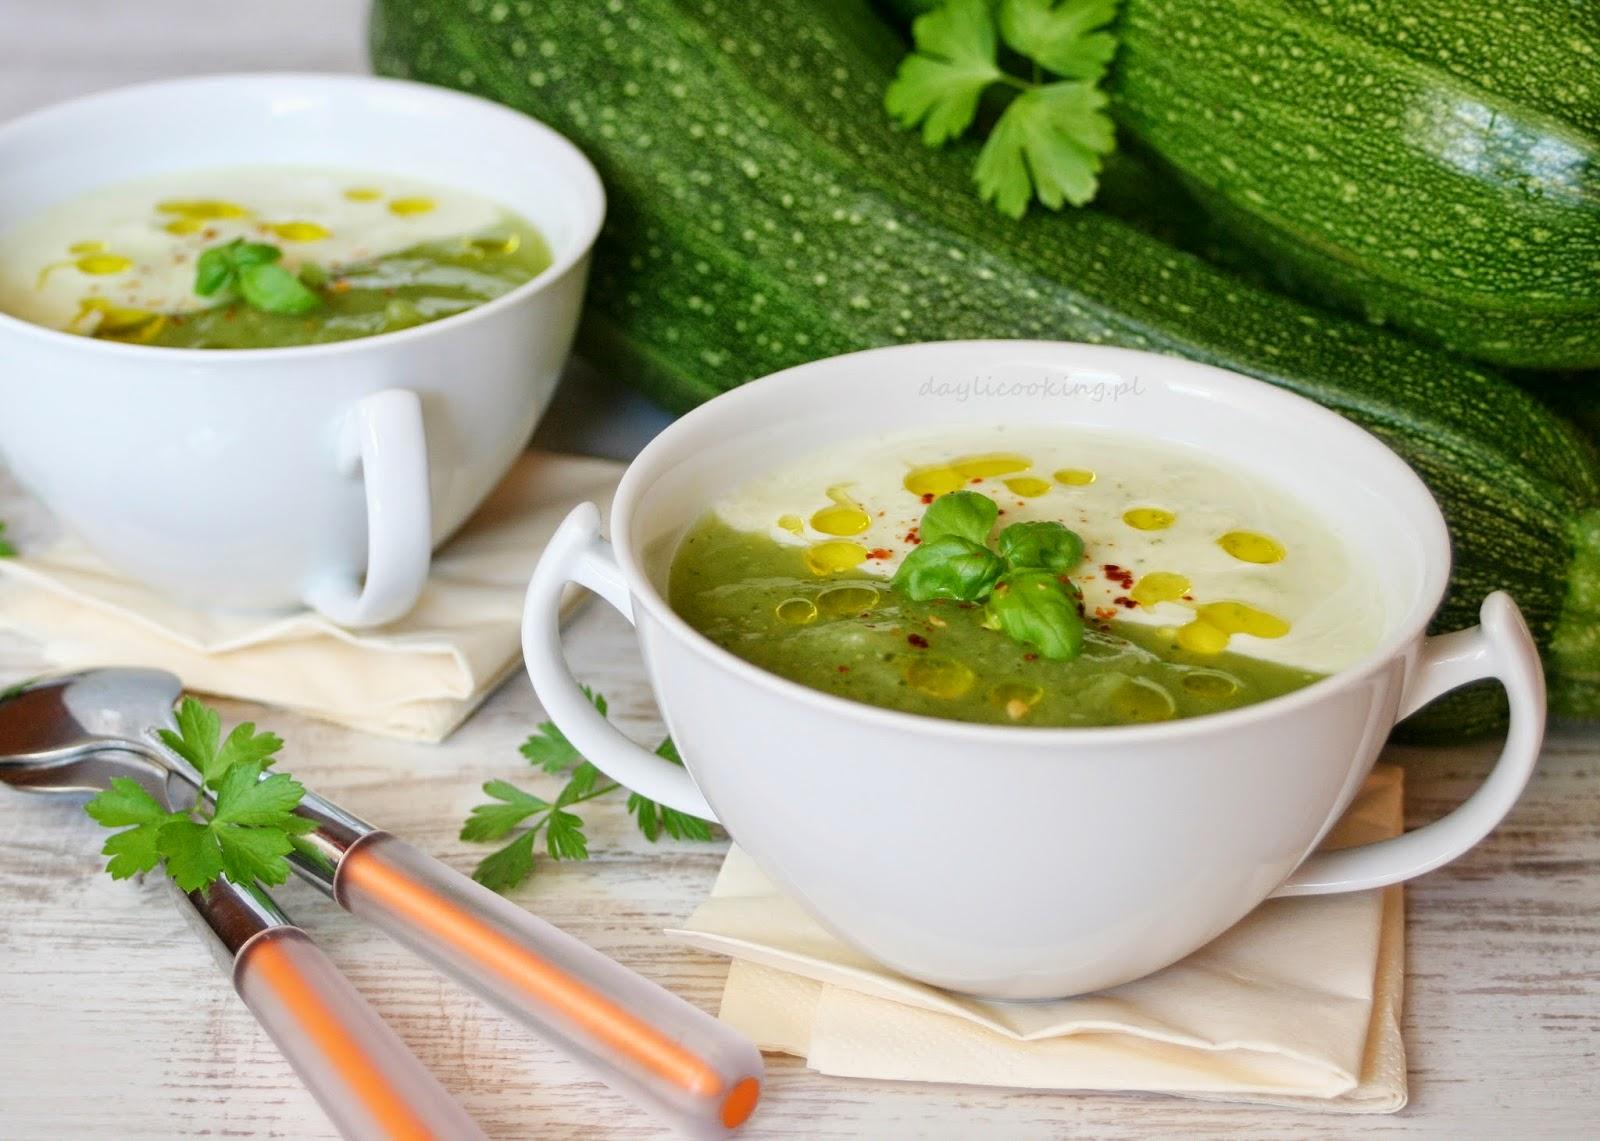 błyskawiczny obiad, najlepsze przepisy na zupy, zupa krem, zielony krem, cukiniowa zupa, daylicooking